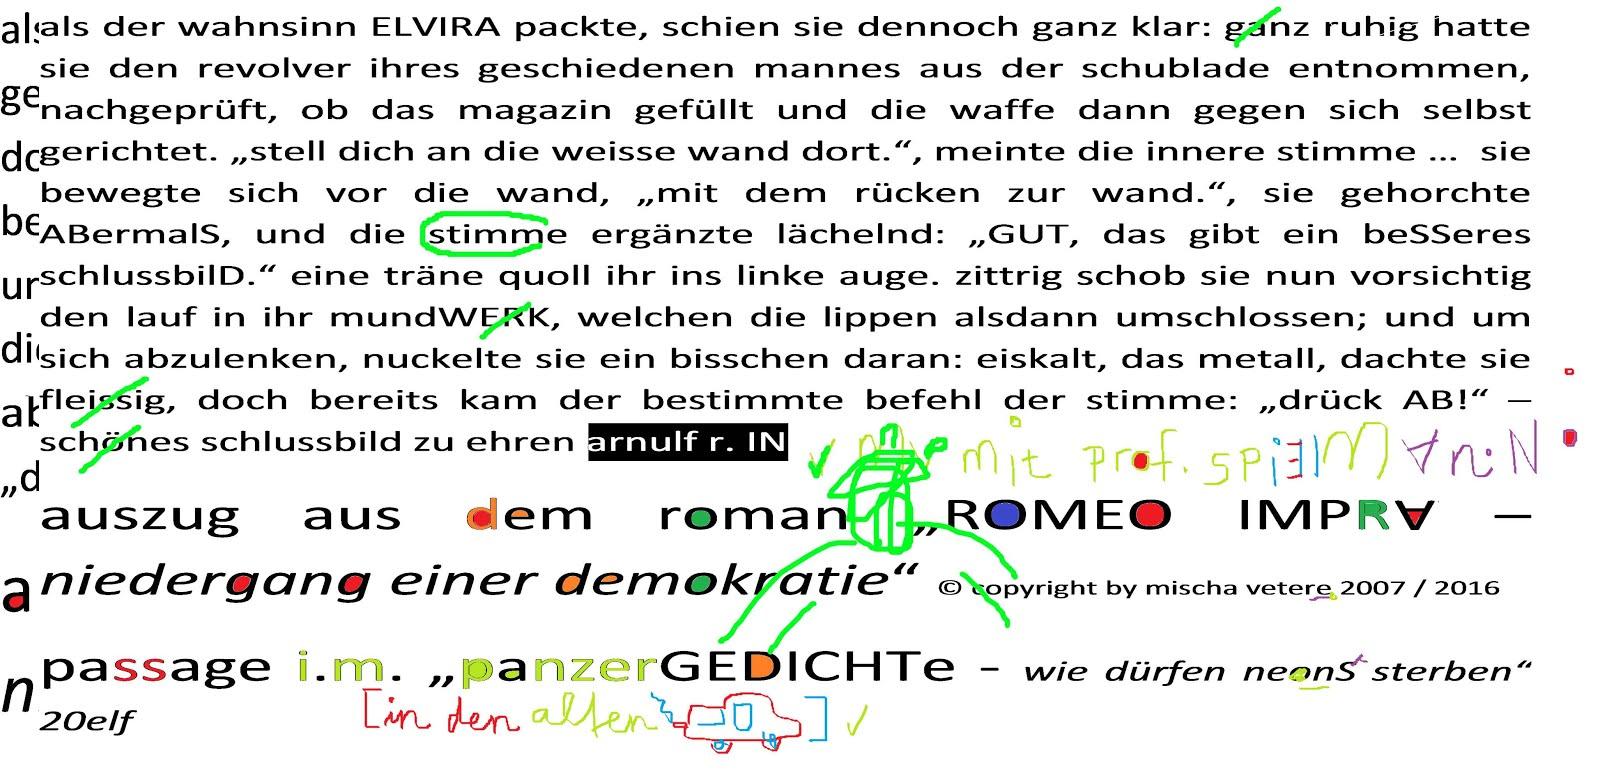 Old Fashioned Retirement Rücktritt Rechner Image - FORTSETZUNG ...